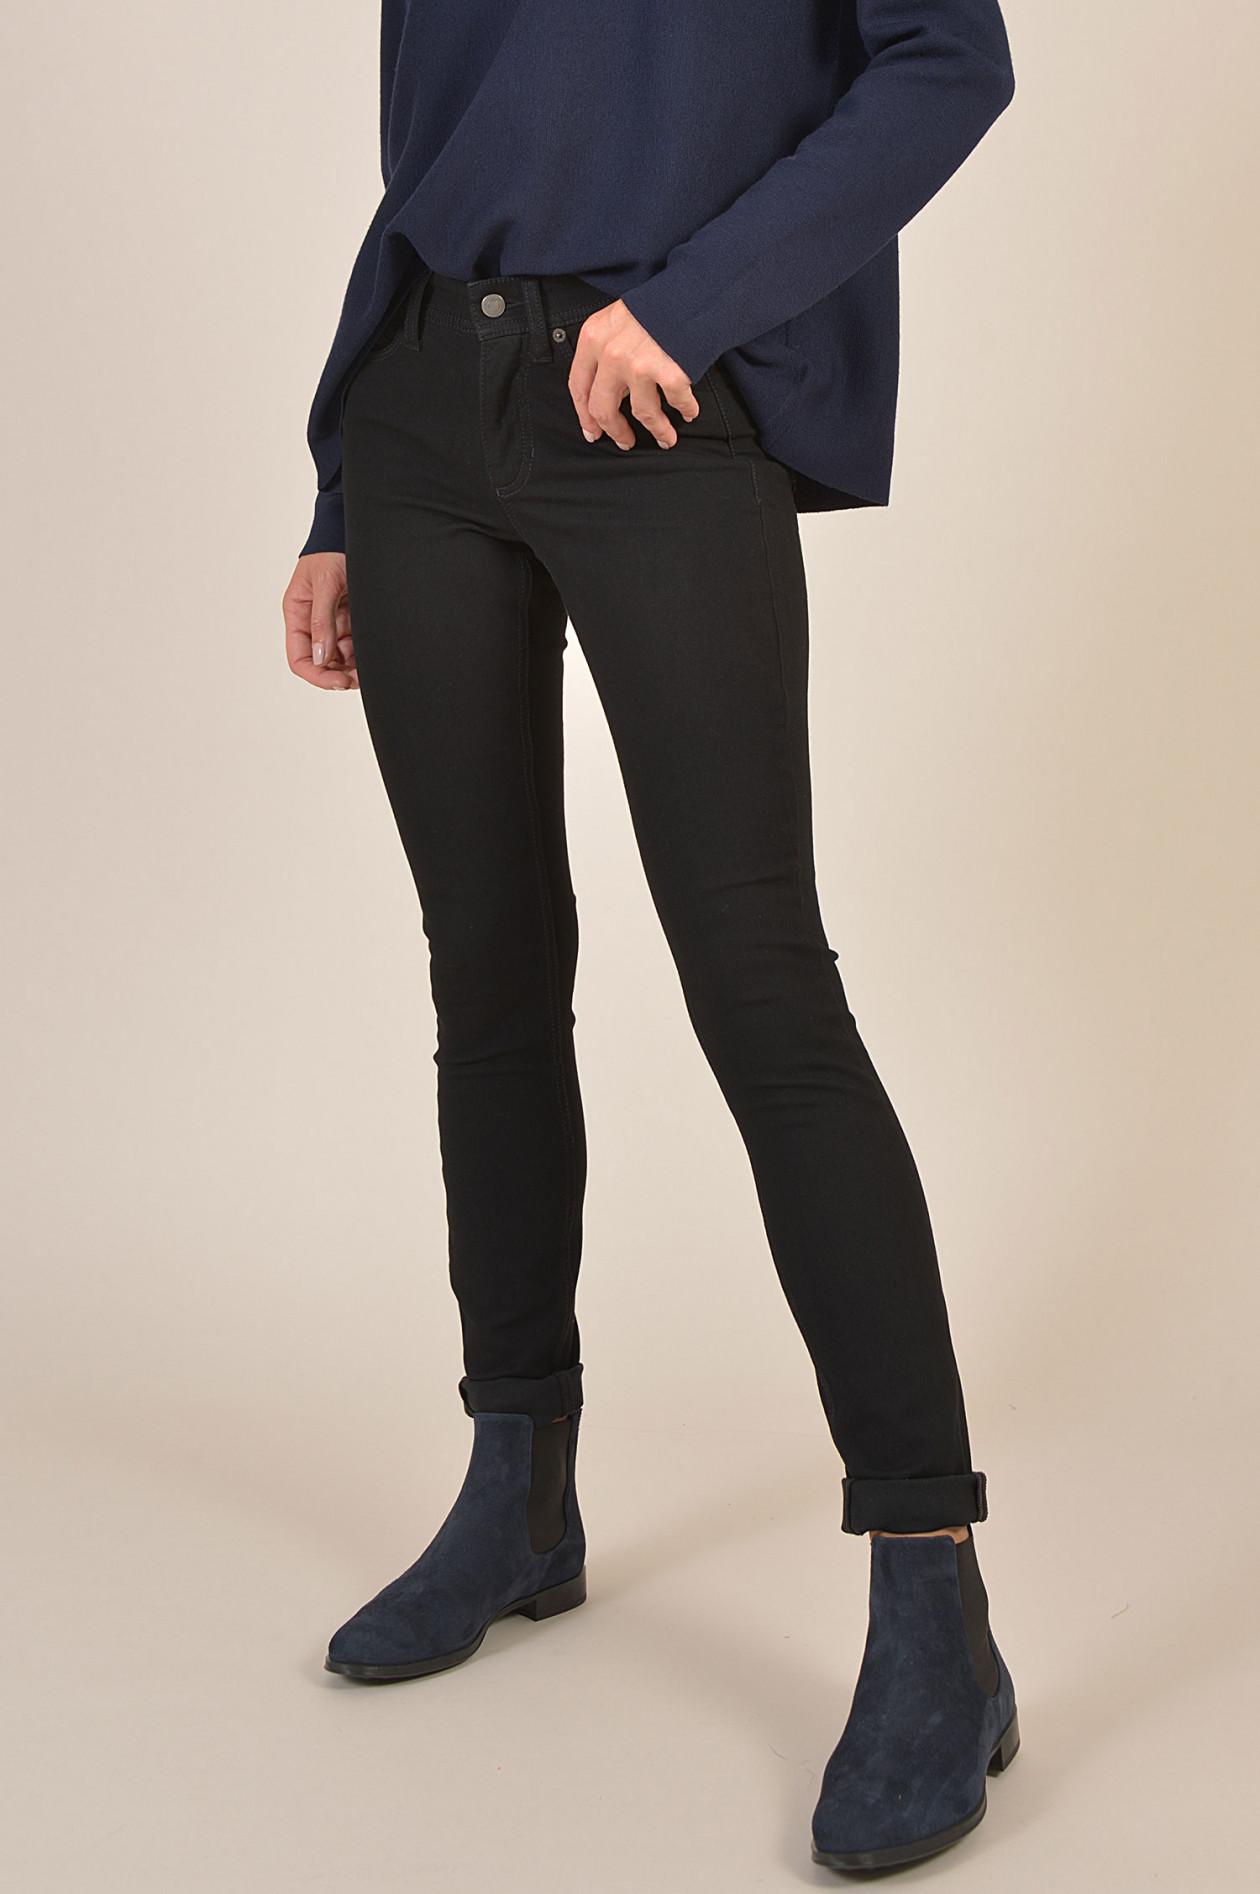 Jeans PARLA in Schwarz